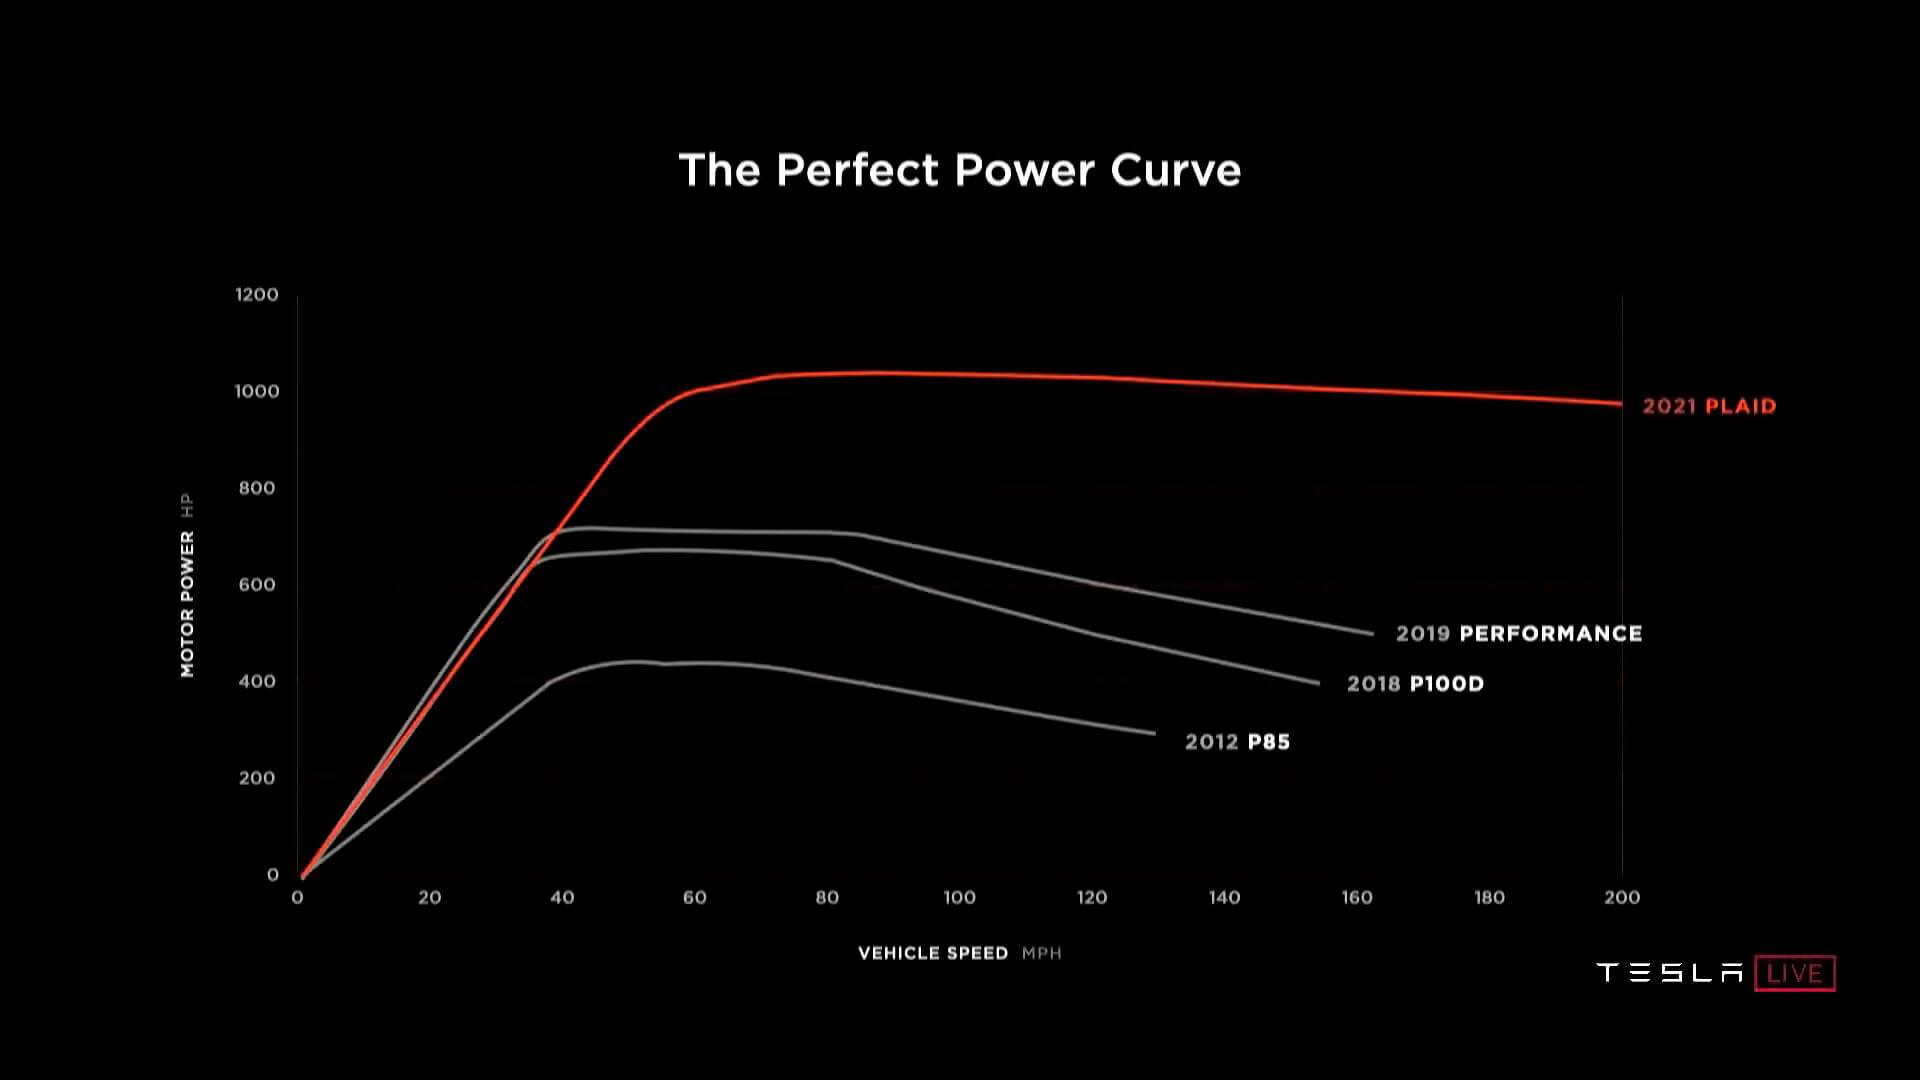 Tesla Model S Plaid сможет работать на пиковой мощности в течение продолжительных периодов времени